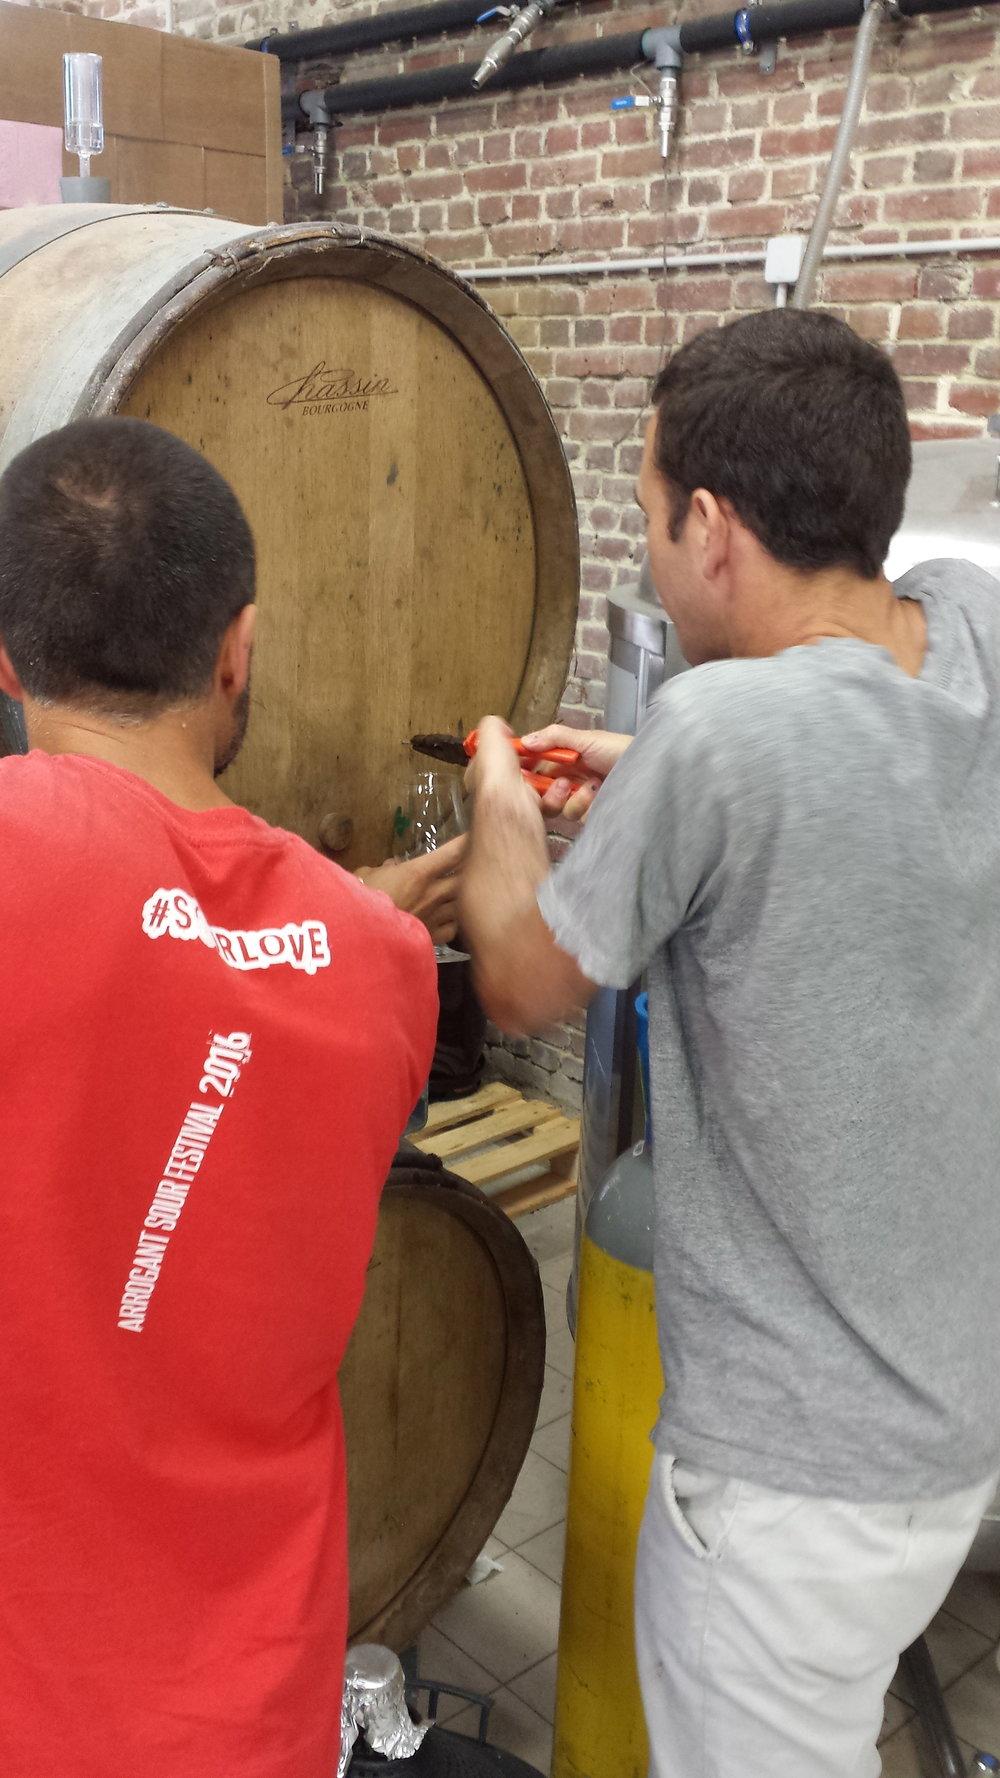 Soutirage d'un échantillon de bière infusée avec la même souche